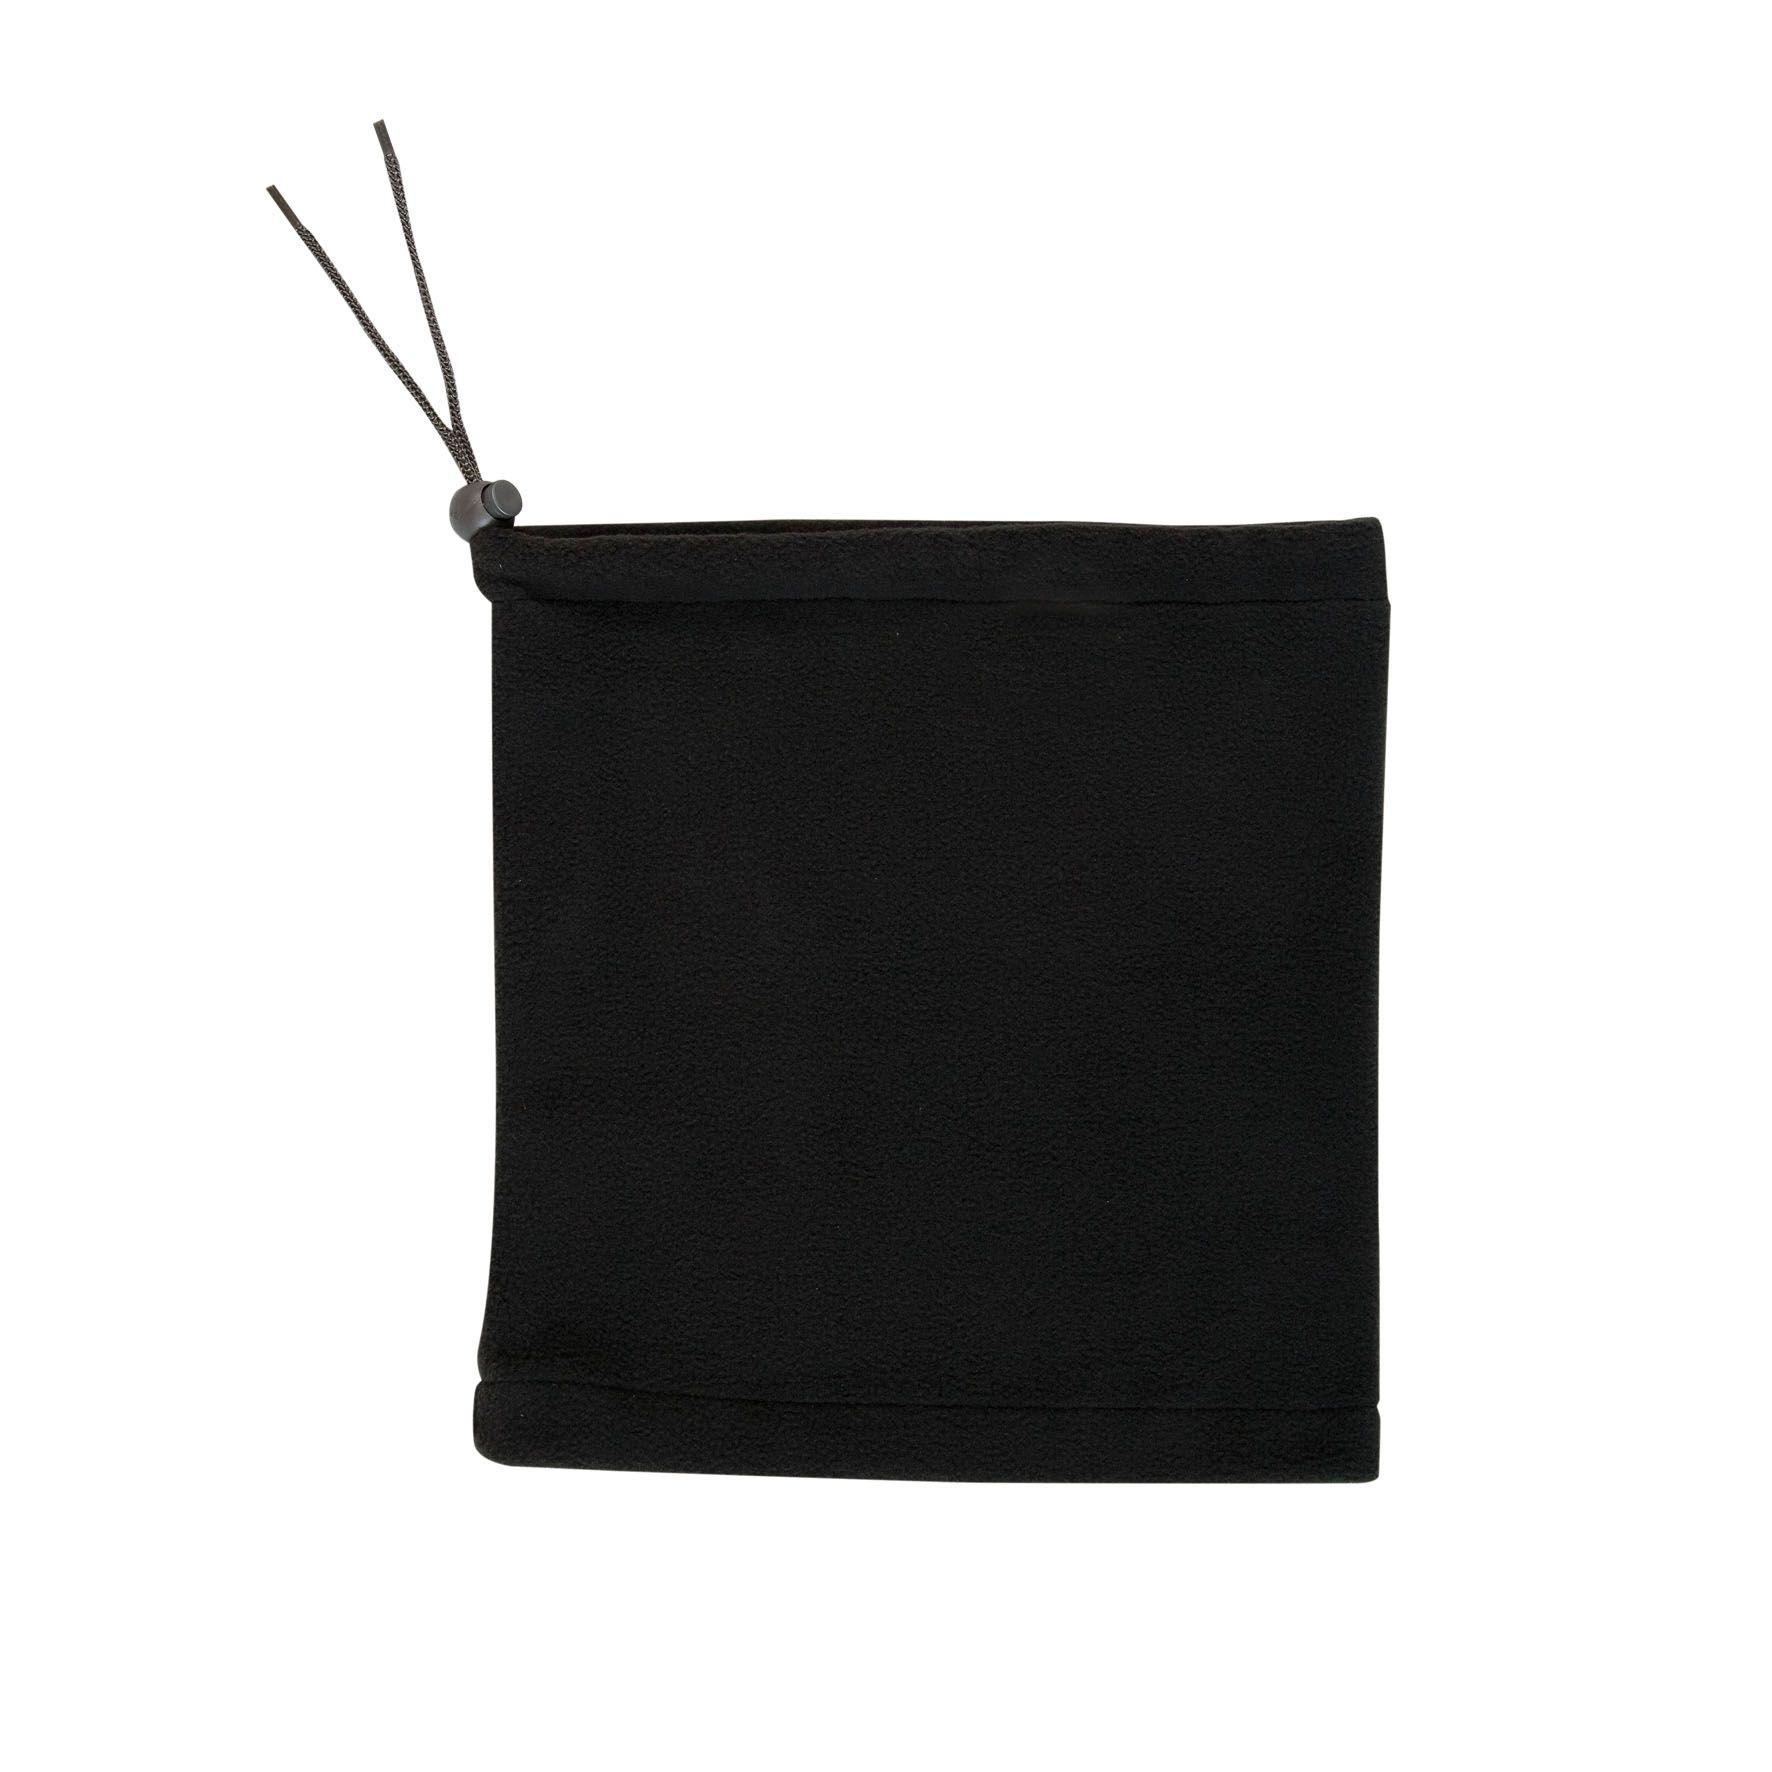 Cadeau promotionnel textile - Tour de cou  / Bonnet publicitaire Kagoul